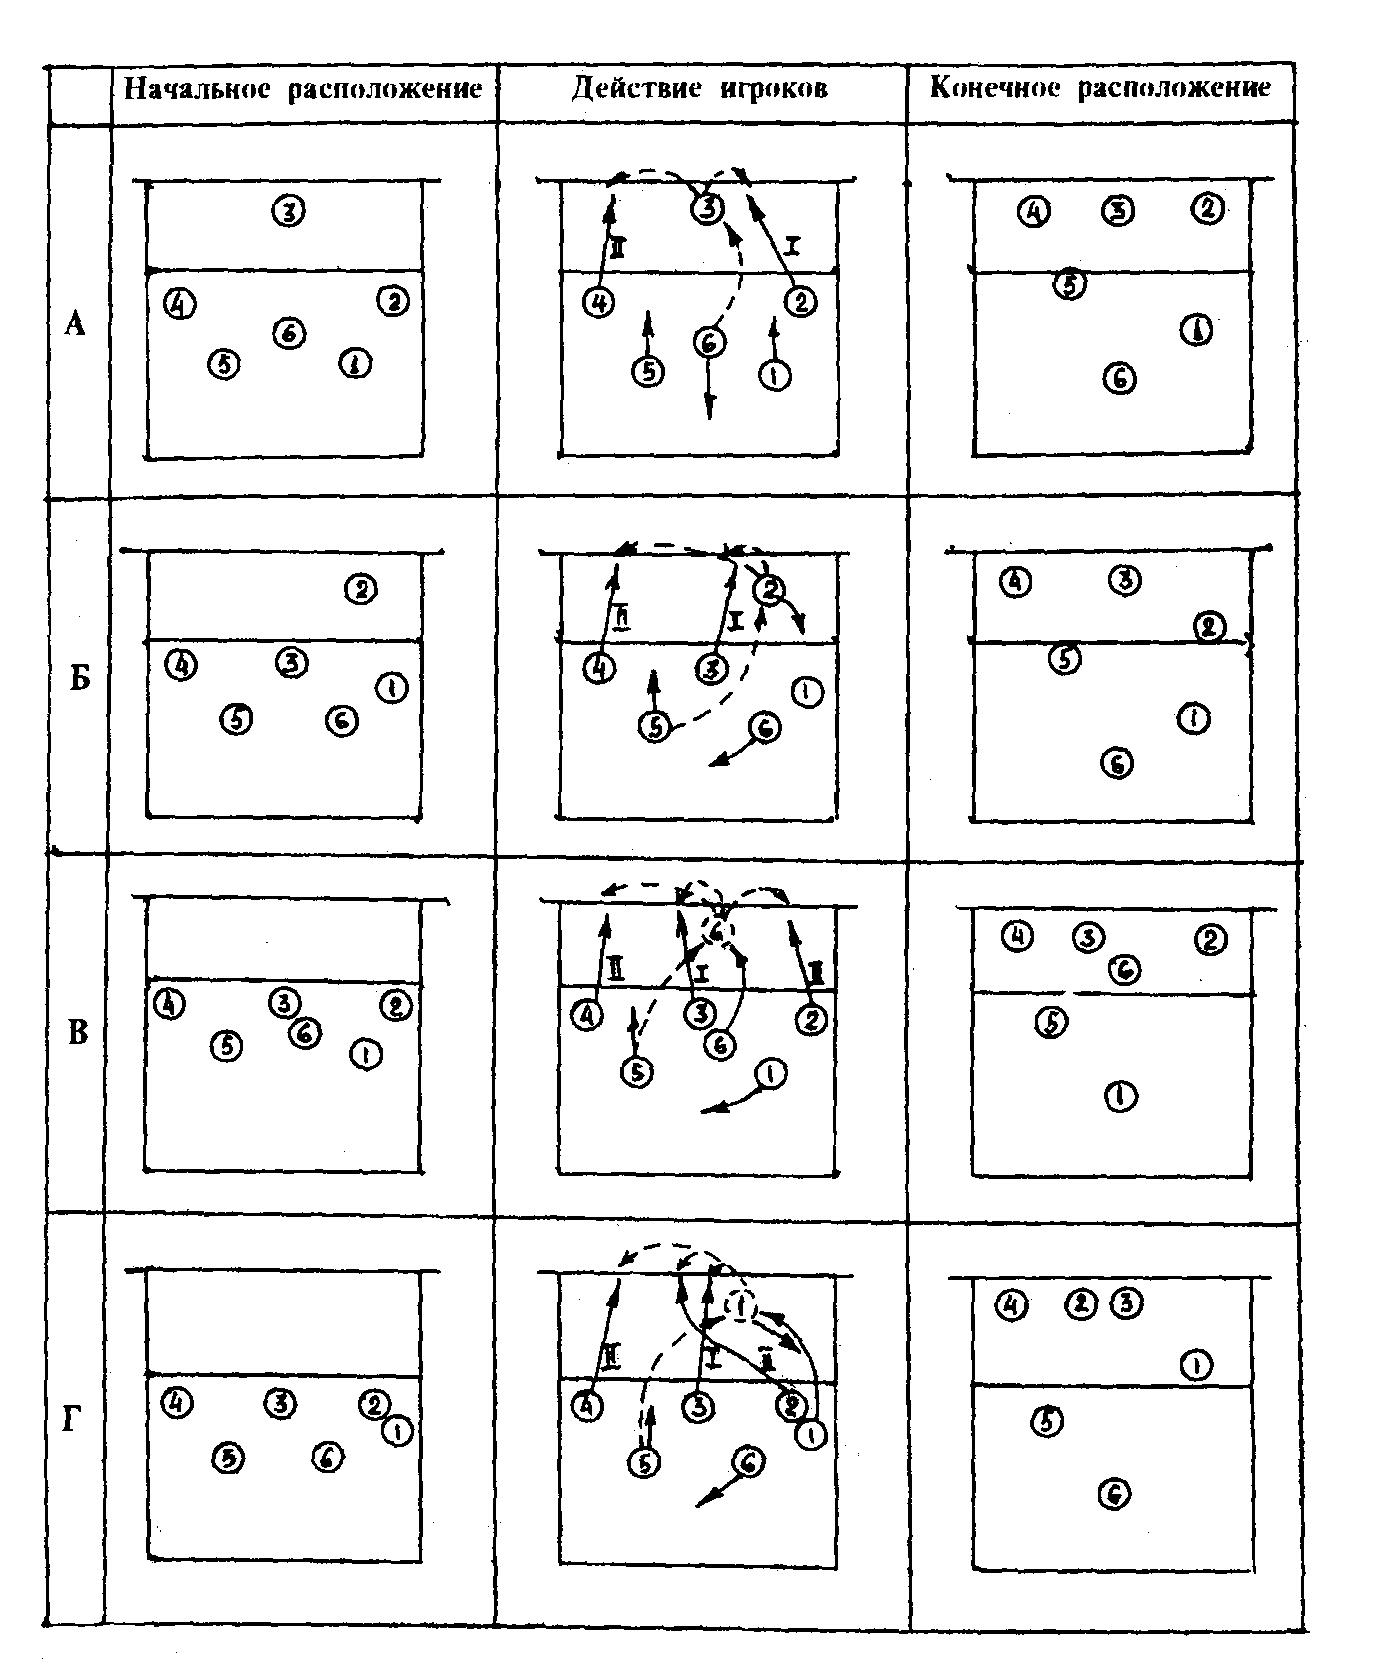 Схема расположения игроков в фото 782